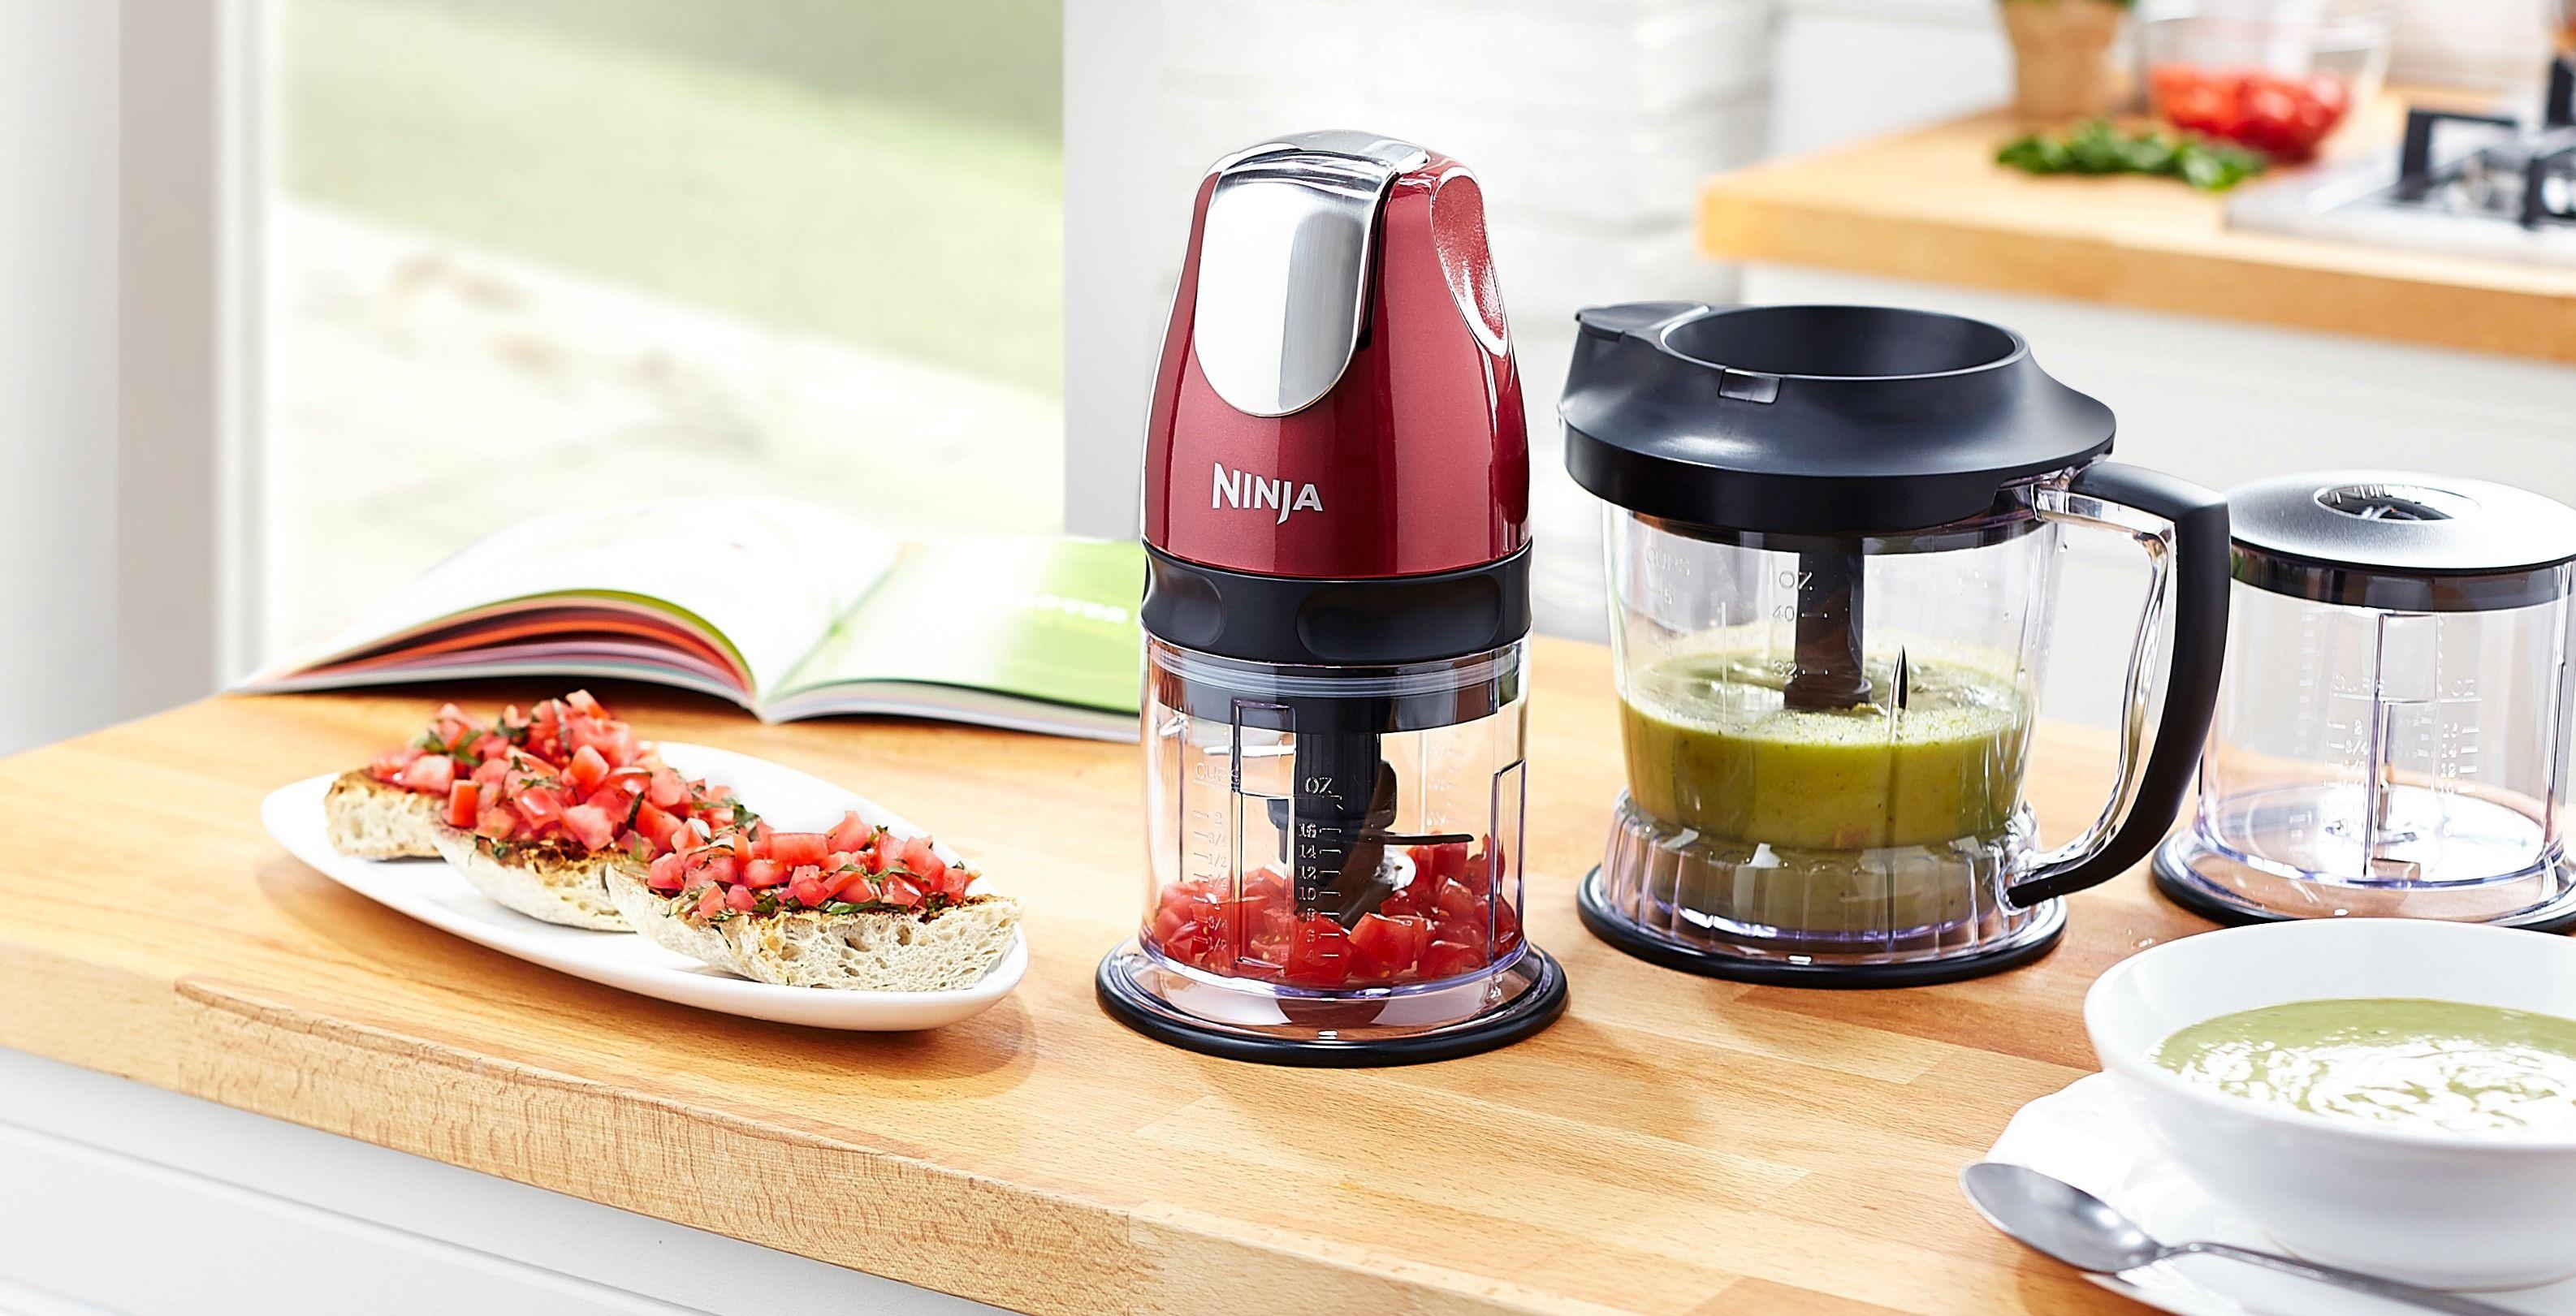 Ninja Master Professional 500W Food Processor. Food